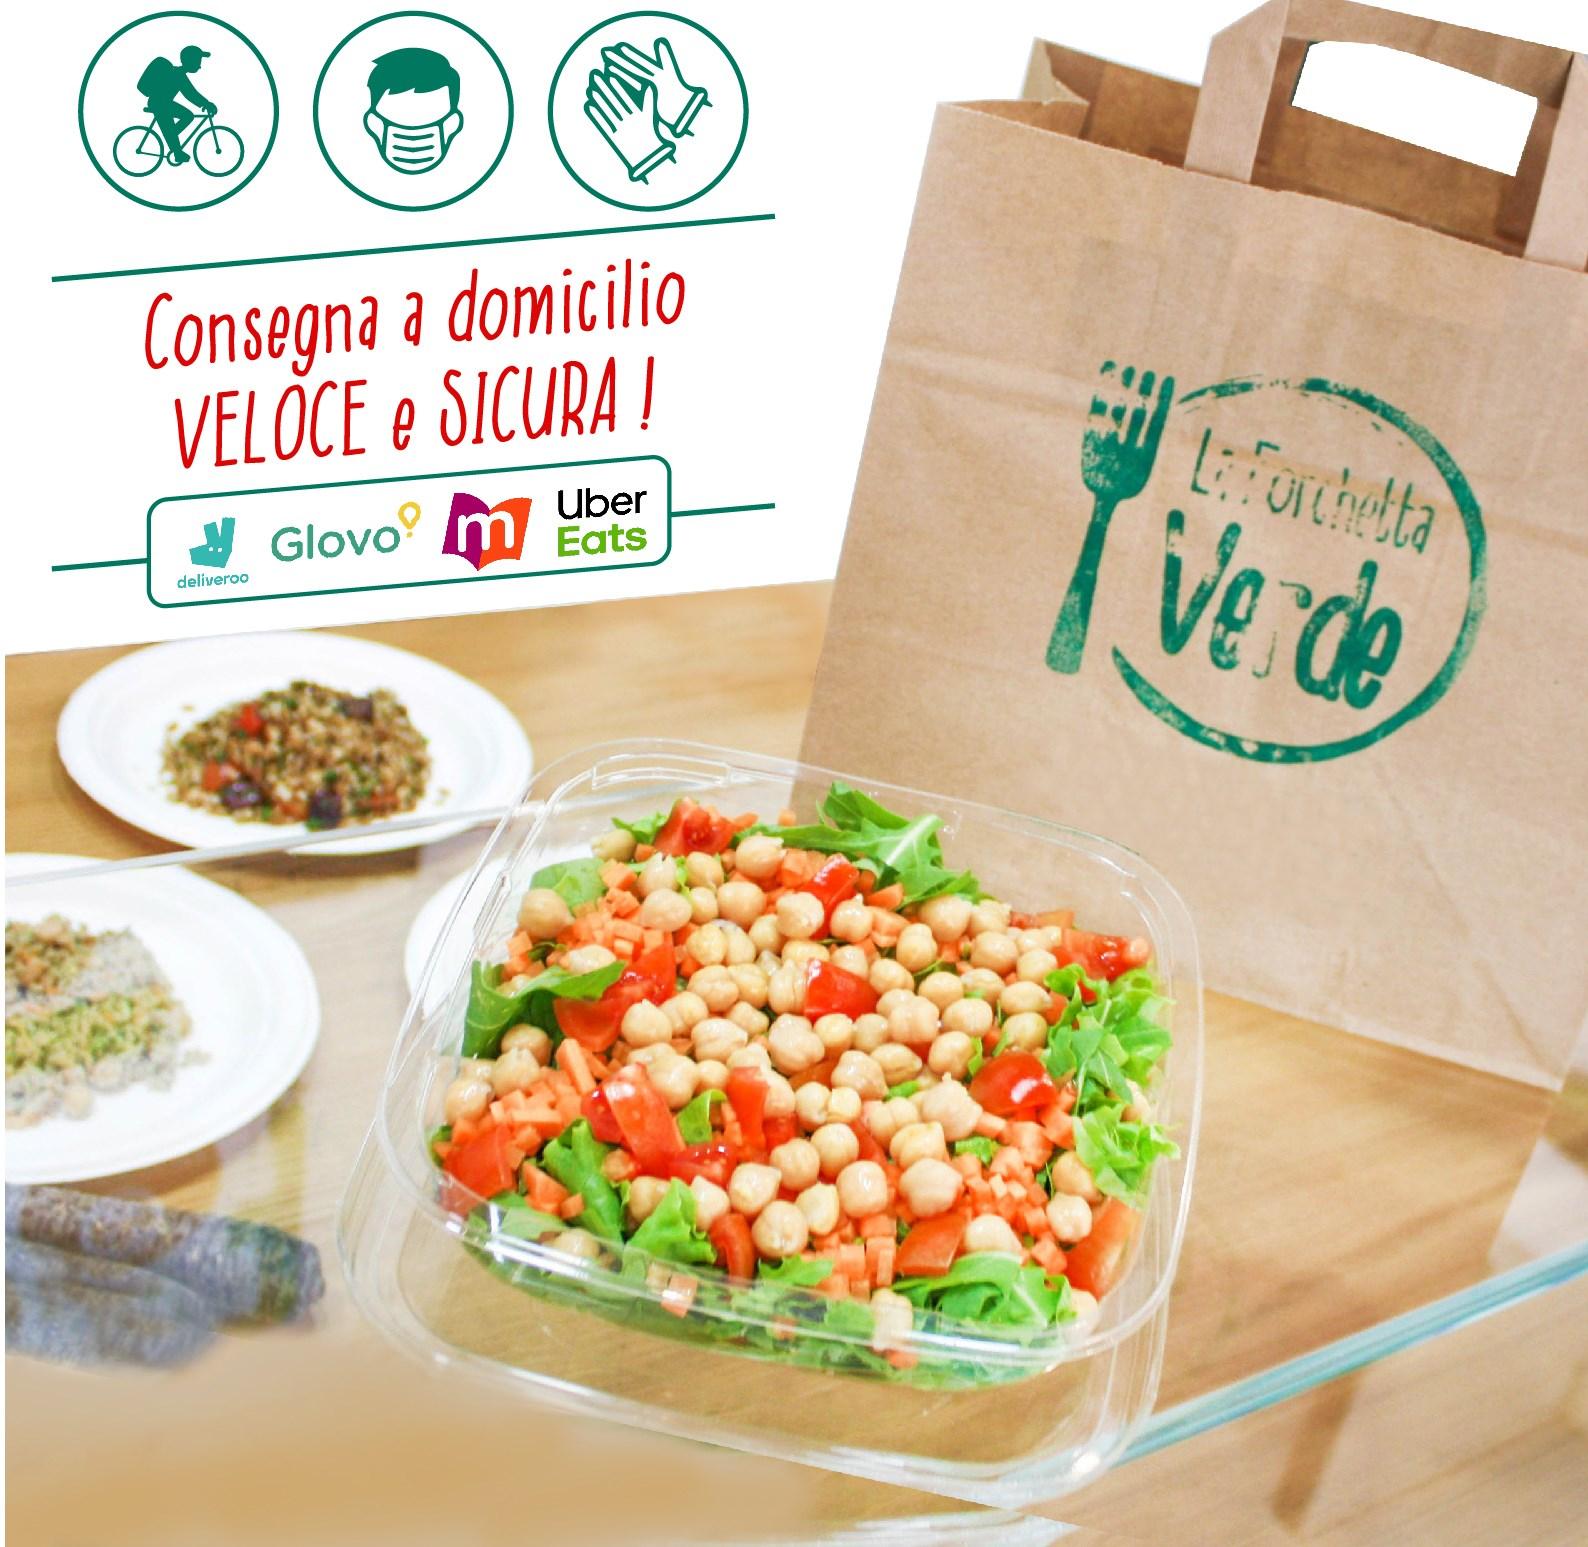 Delivery la forchetta verde